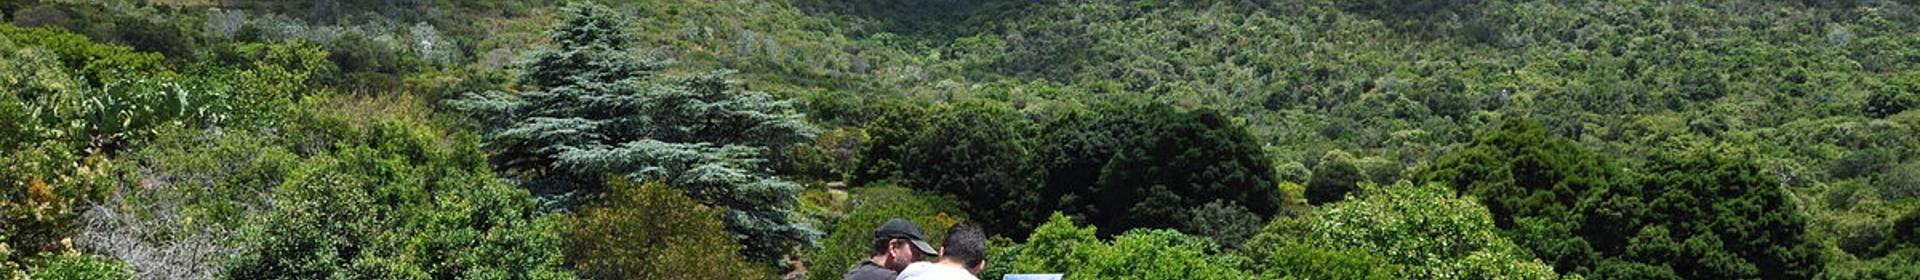 2. Kirstenbosch